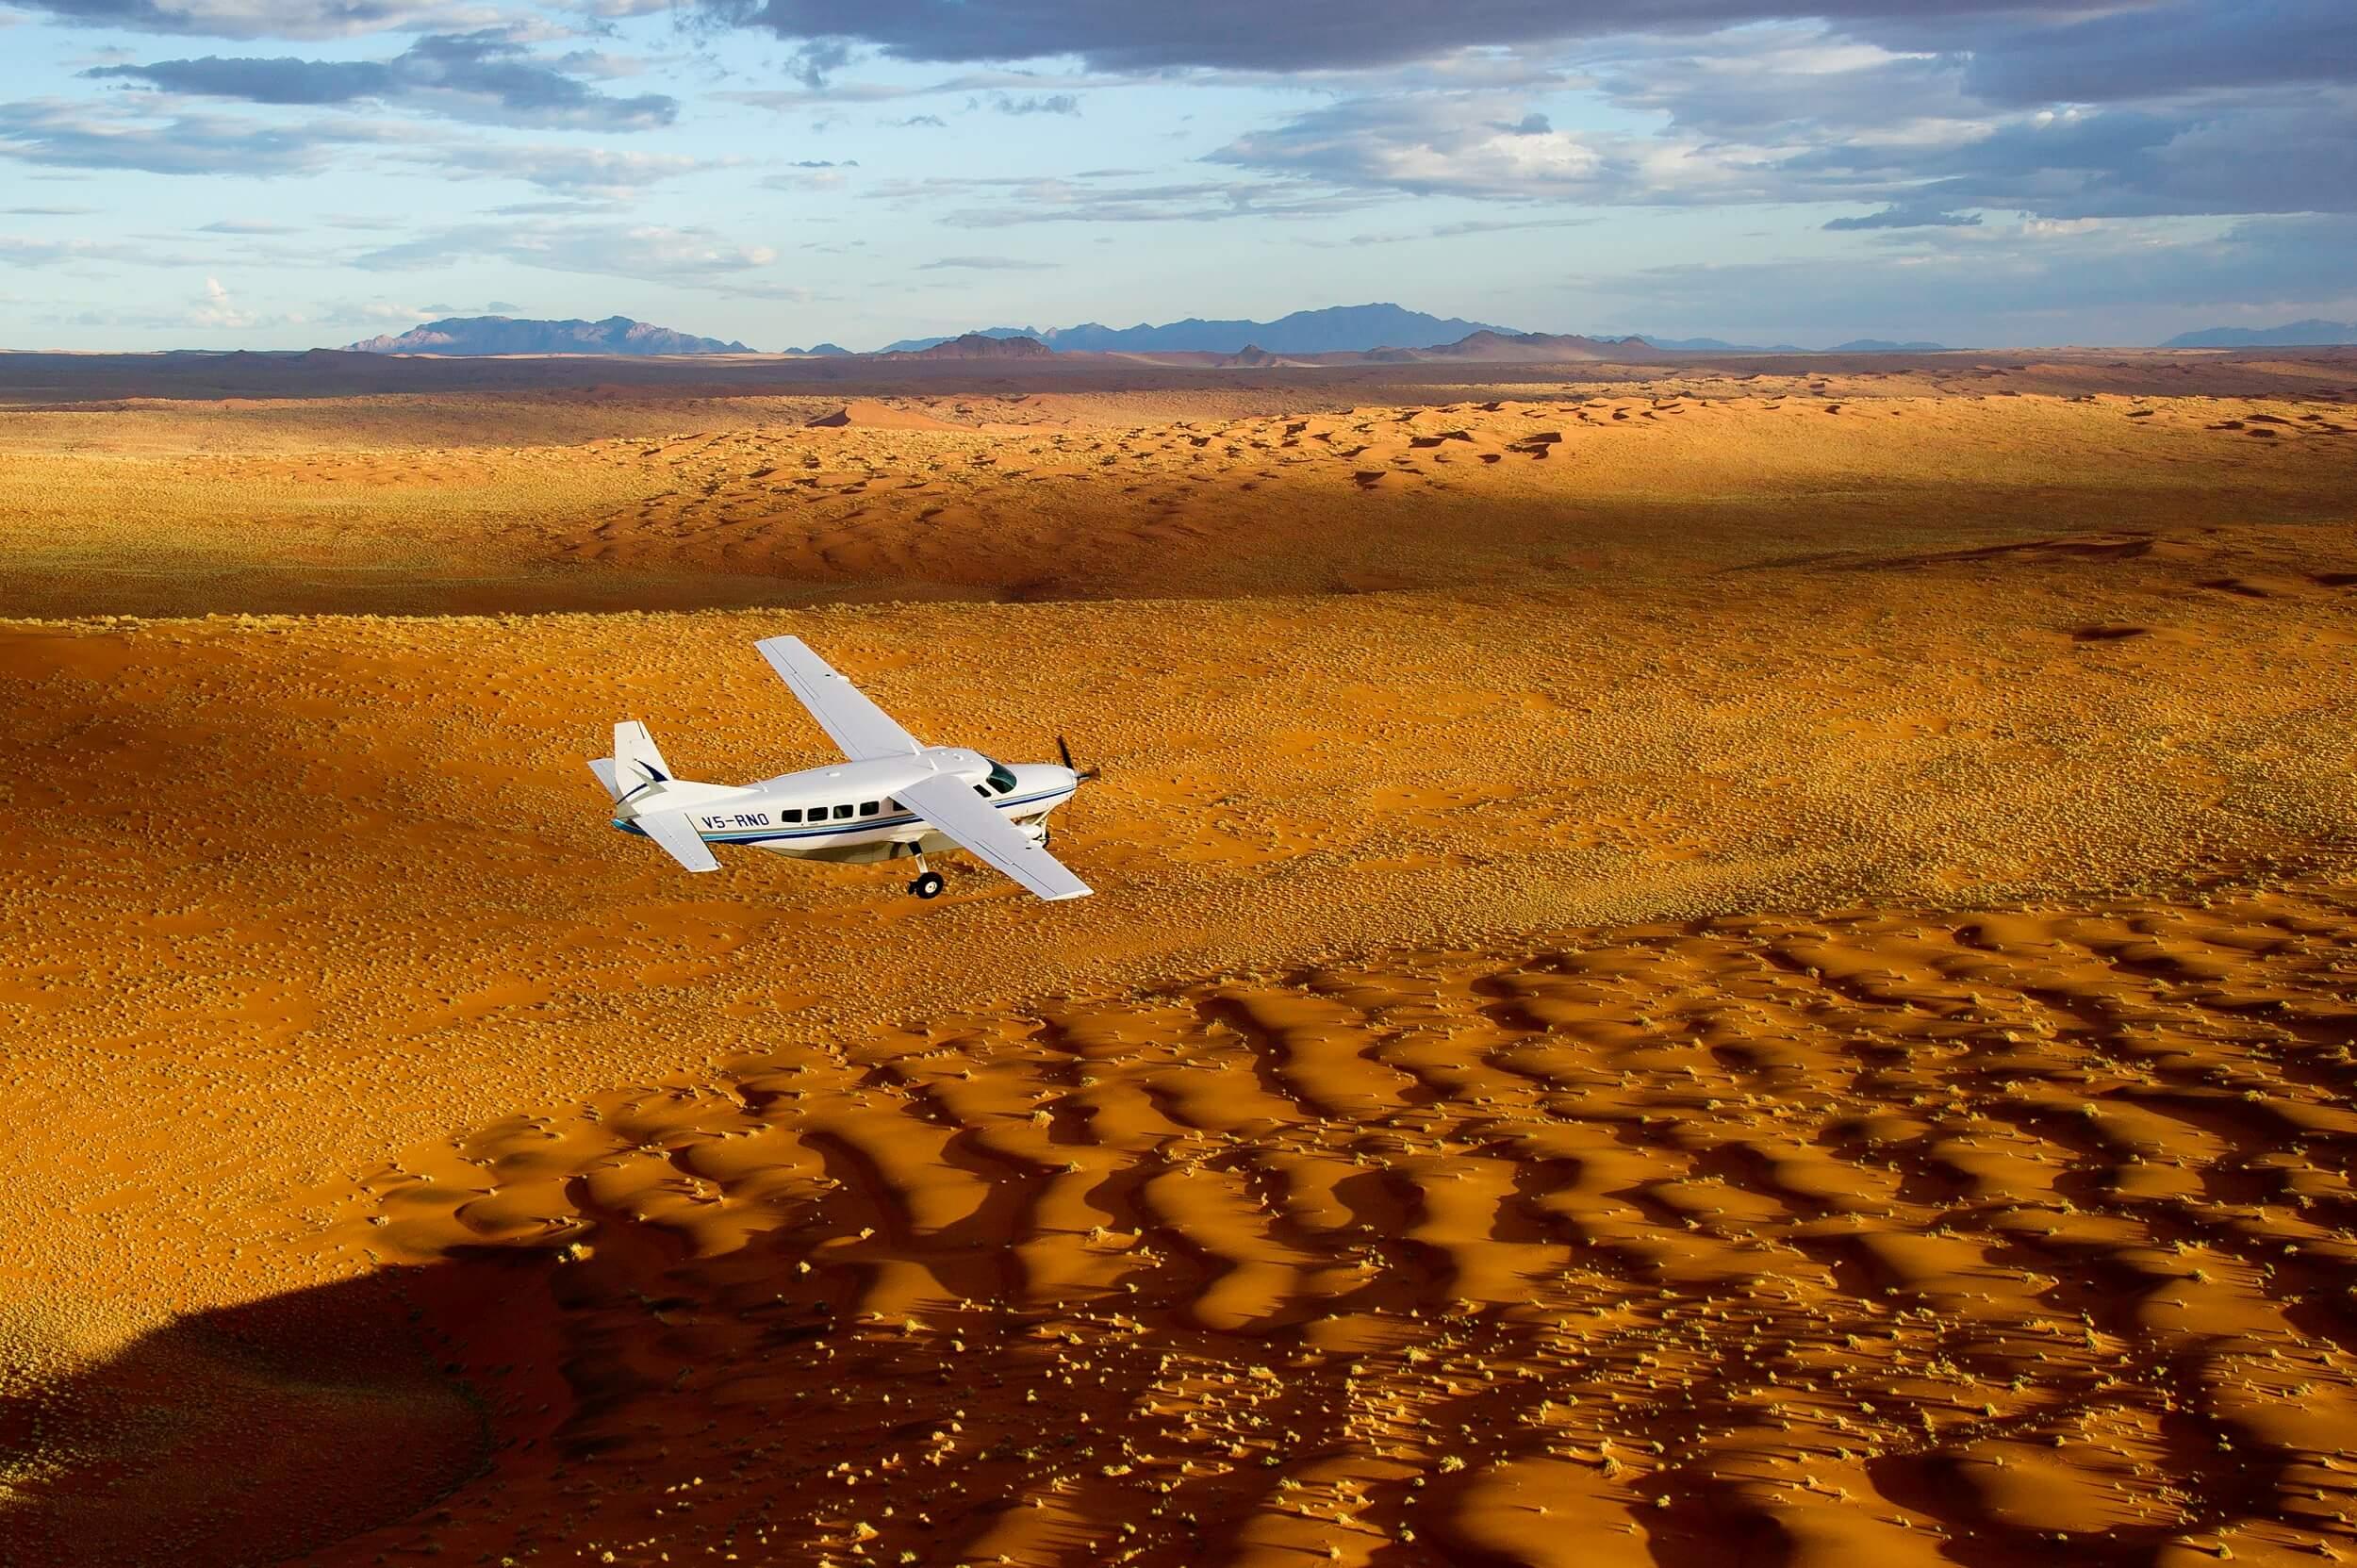 WAir_Namibia_3-11_197.jpg